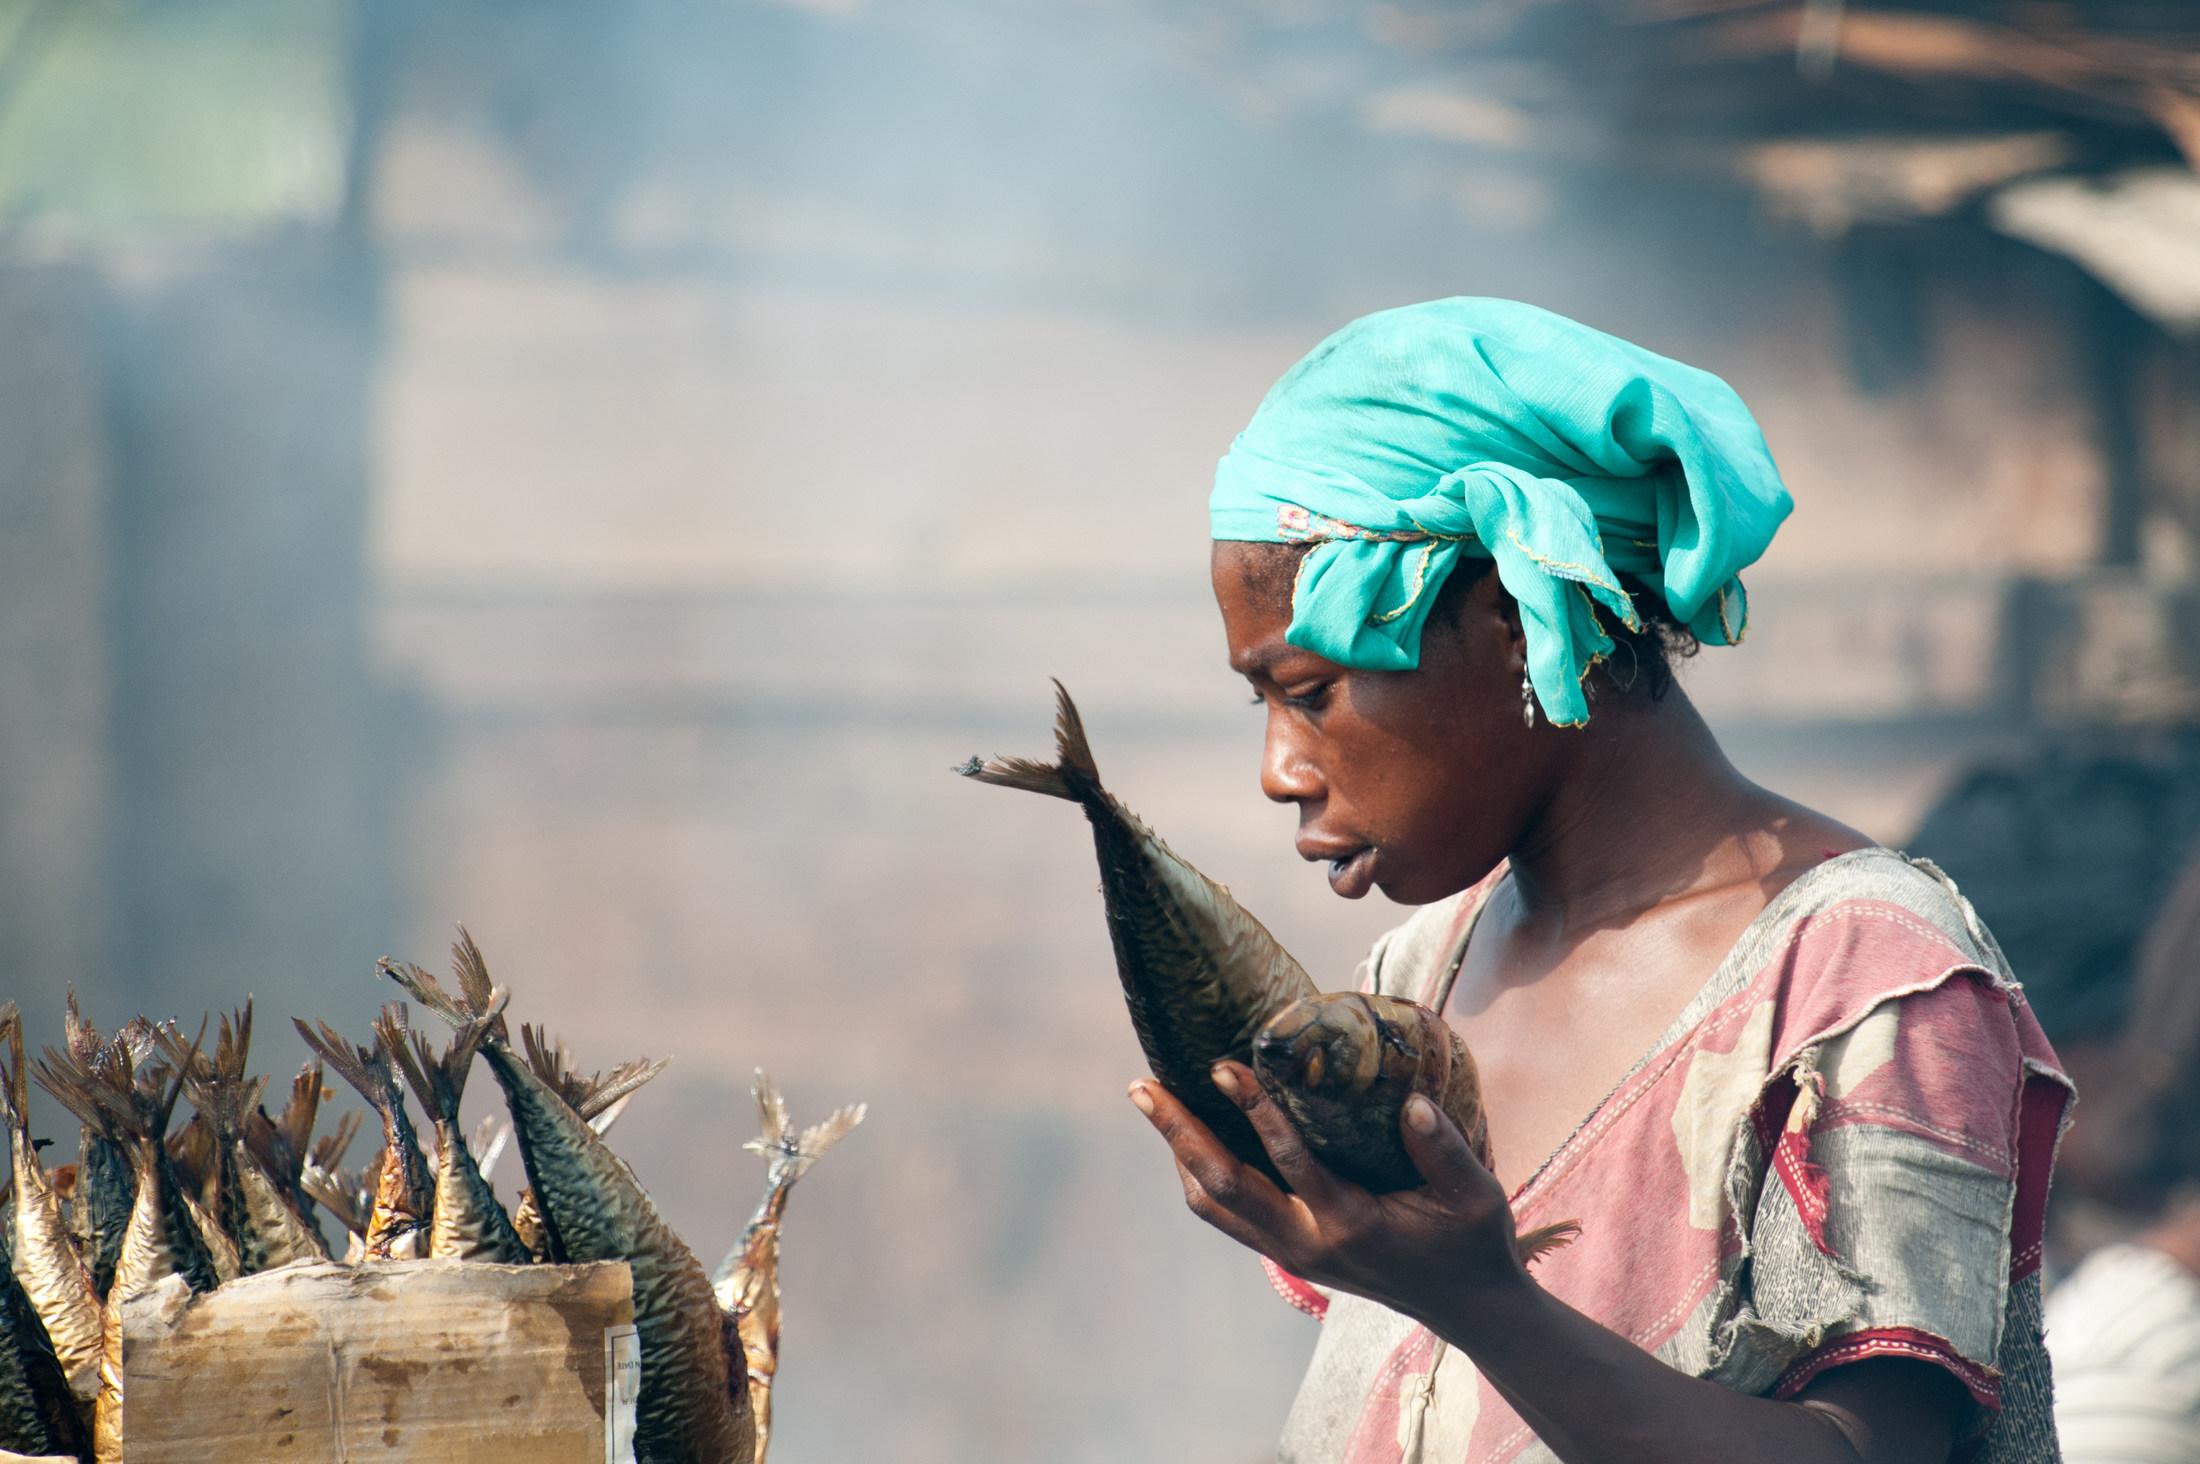 marché afrique 05 femme poisson_light